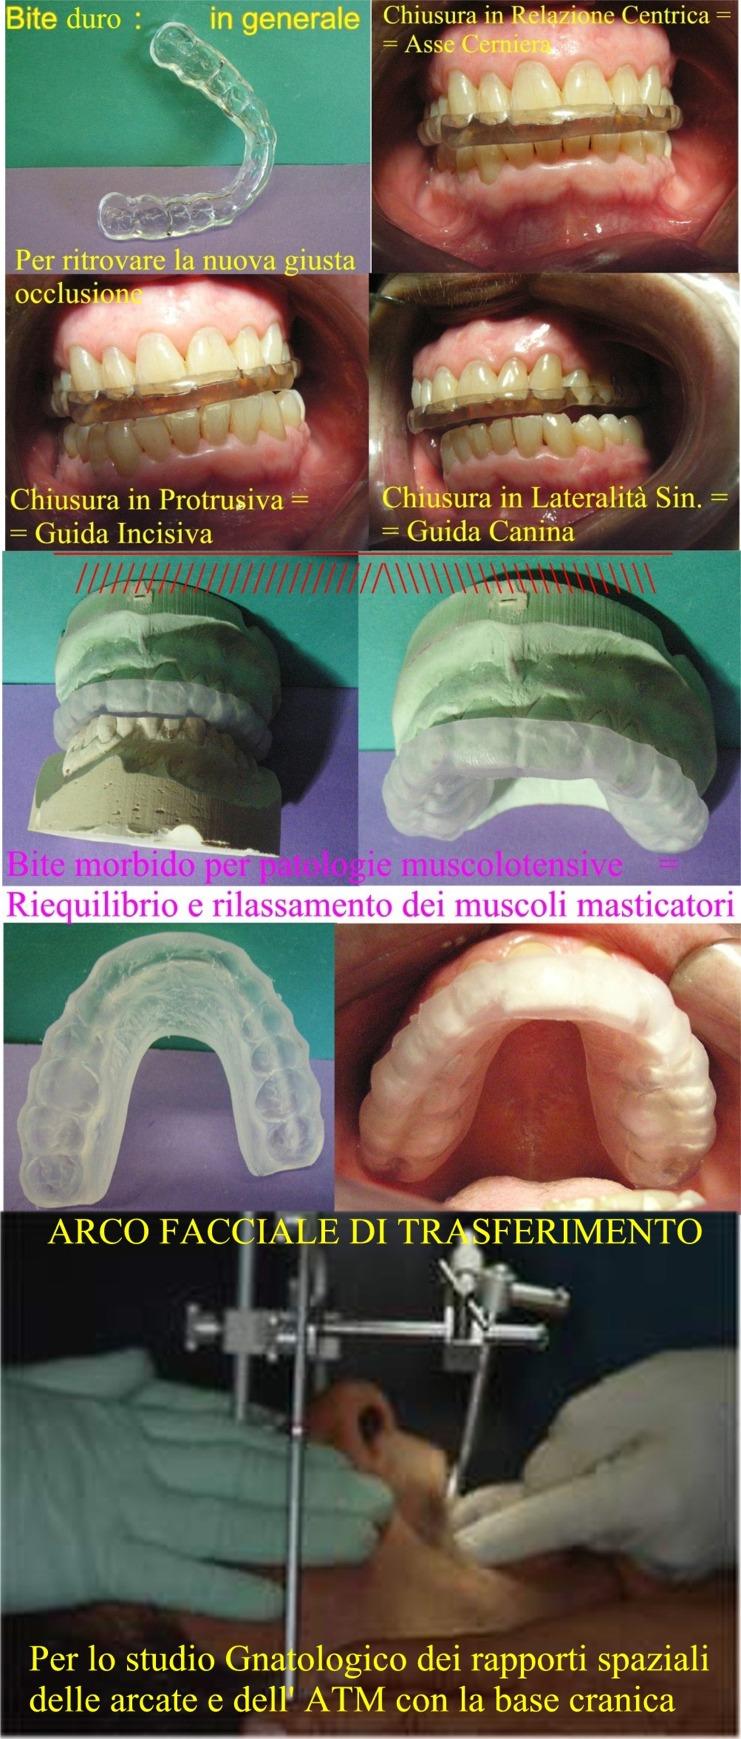 Gnatologia. Vari tipi di Bite e Arco facciale di trasferimento per valutazione Gnatologica corretta.Da casistica del Dr. Gustavo Petti di Cagliari